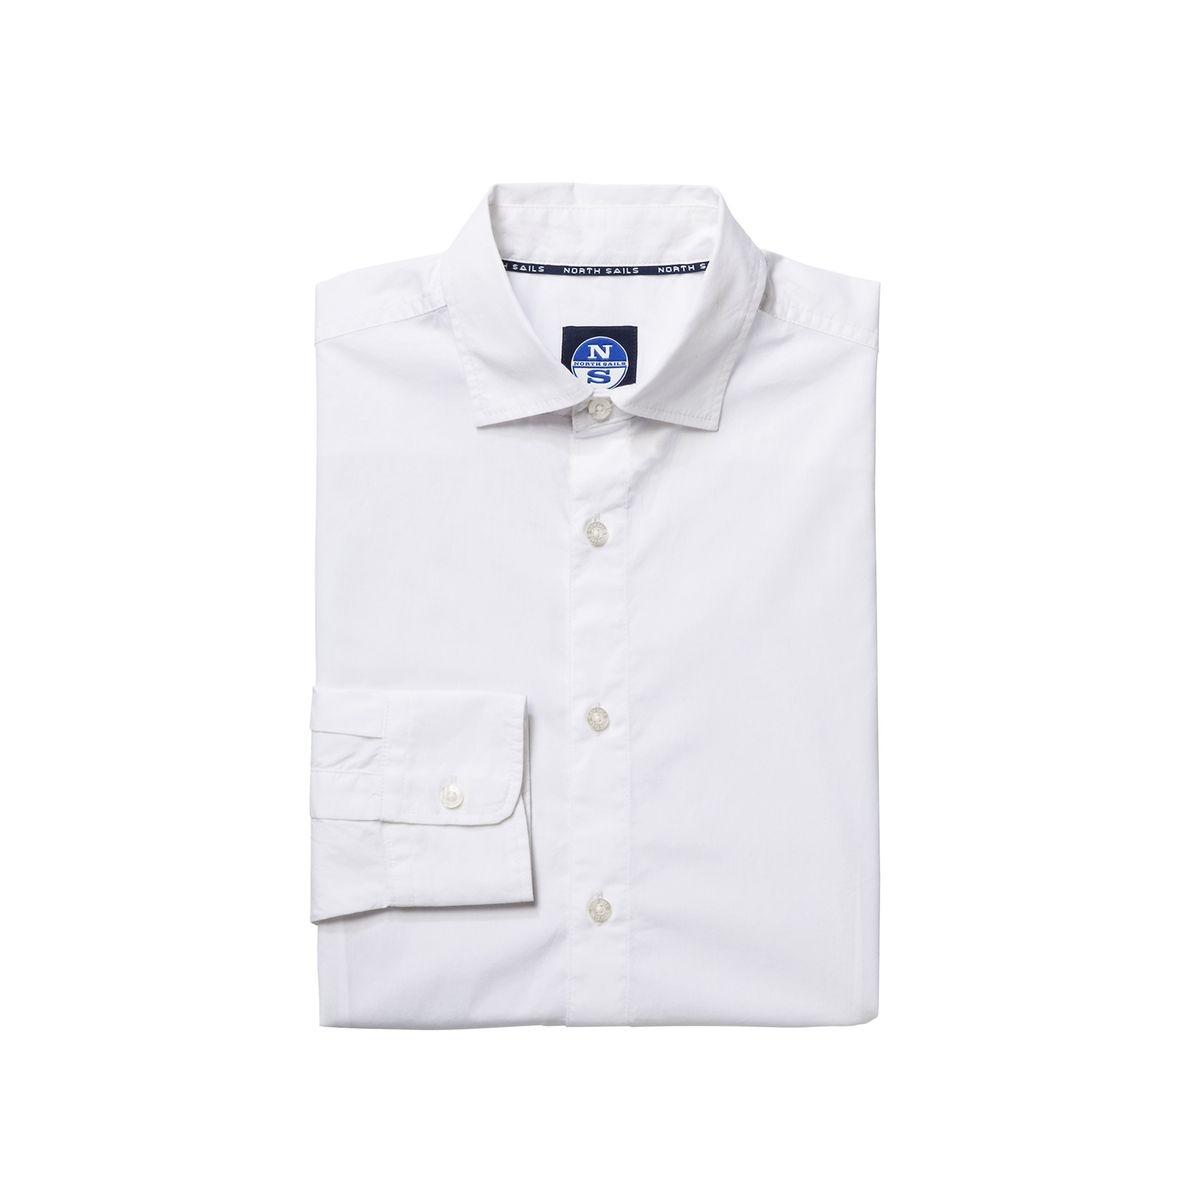 Épaisse, Robuste Et Infroissable: Cette Chemise Boutonnée Se Montrera À La